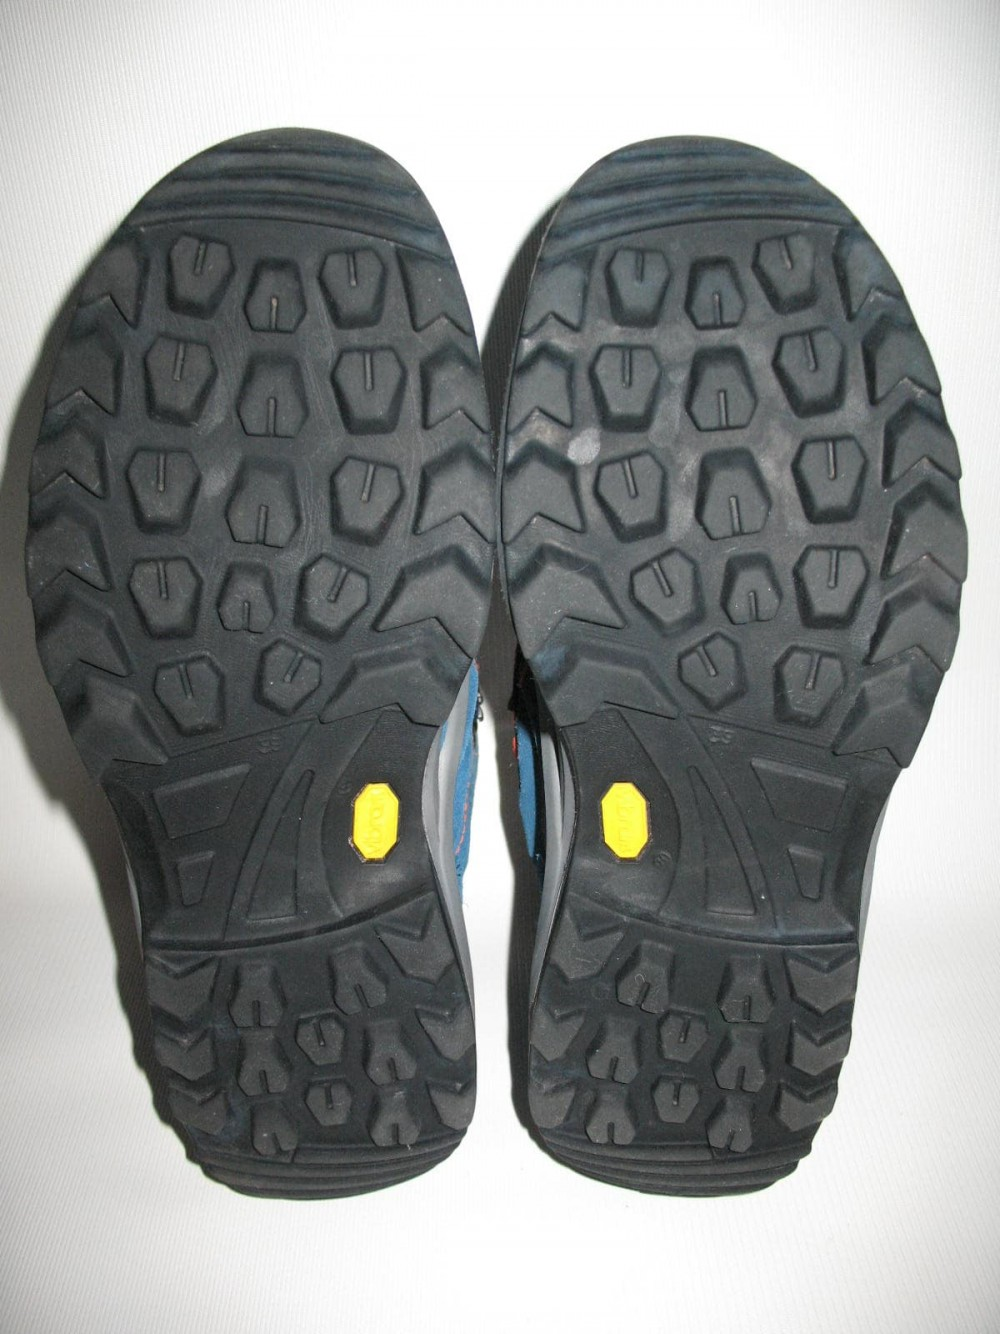 Ботинки LOWA kody III boots lady (размер US6,5/UK5,5/EU39(на стопу 245-250 mm)) - 11